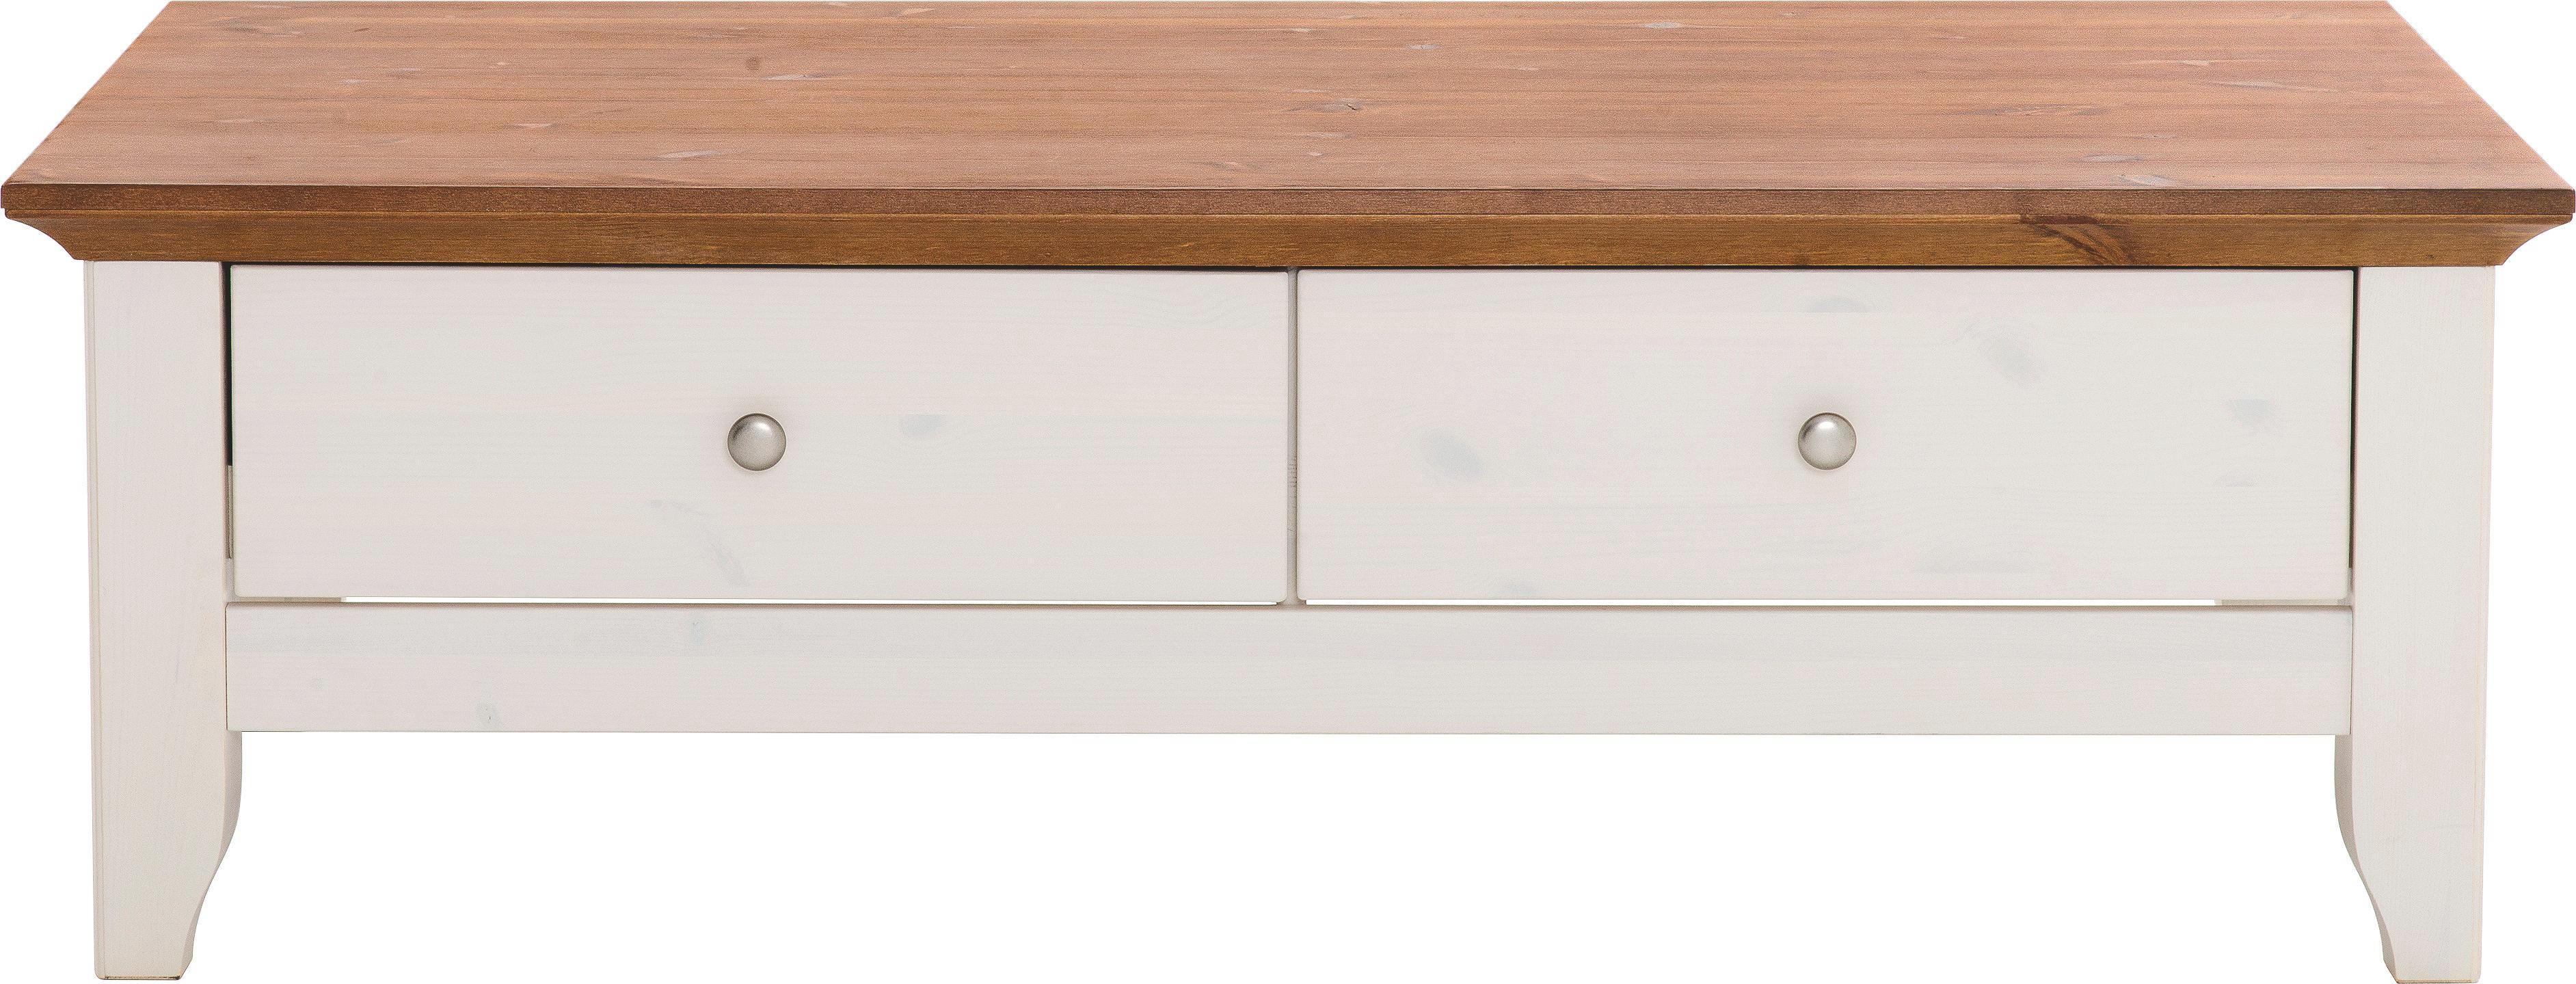 COUCHTISCH in 130/42/75 cm Braun, Weiß - Braun/Weiß, LIFESTYLE, Holz (130/42/75cm) - LANDSCAPE